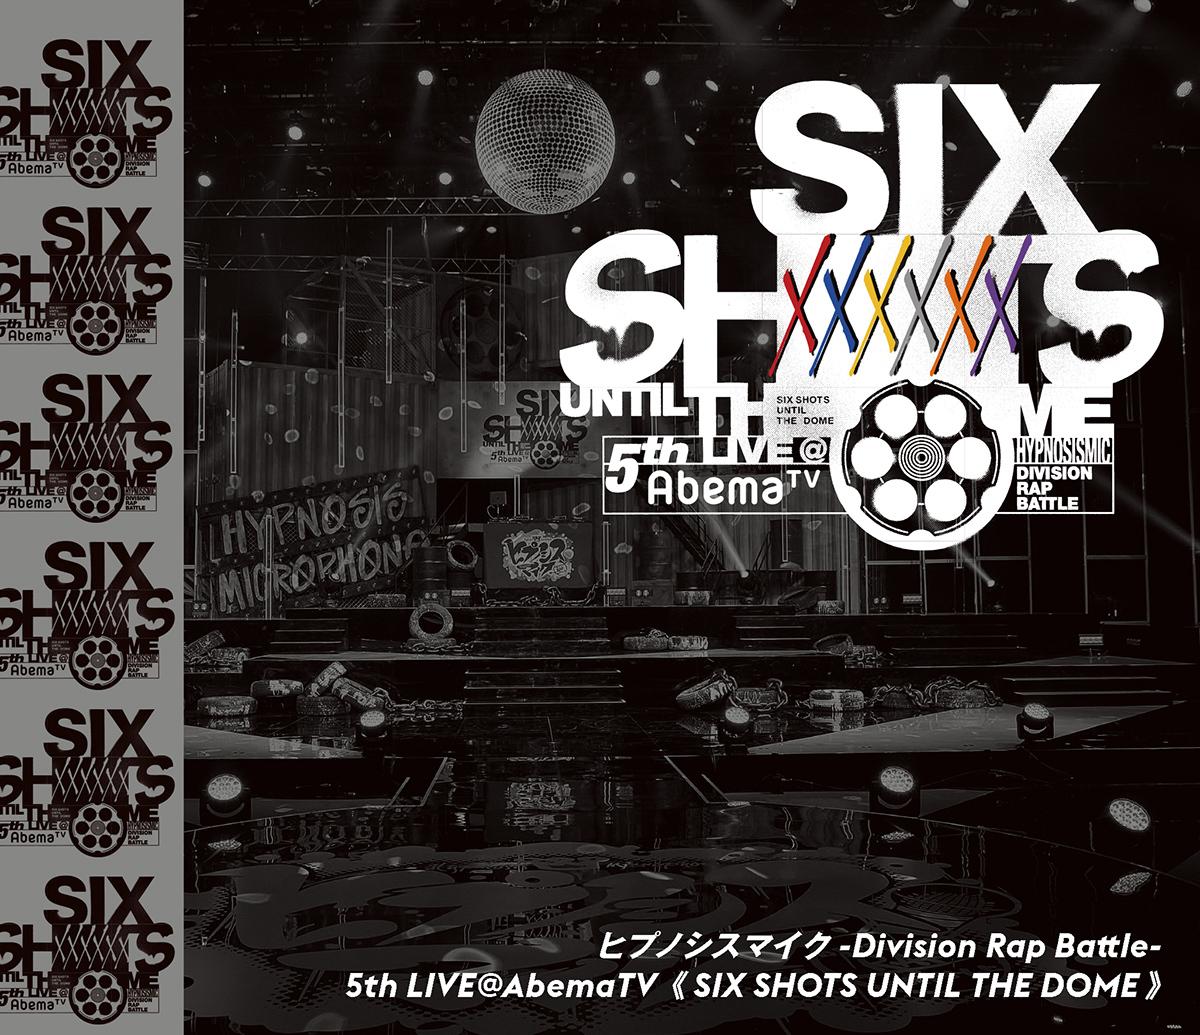 『ヒプノシスマイク -Division Rap Battle- 5th LIVE@AbemaTV《SIX SHOTS UNTIL THE DOME》』Blu-ray、DVDジャケット